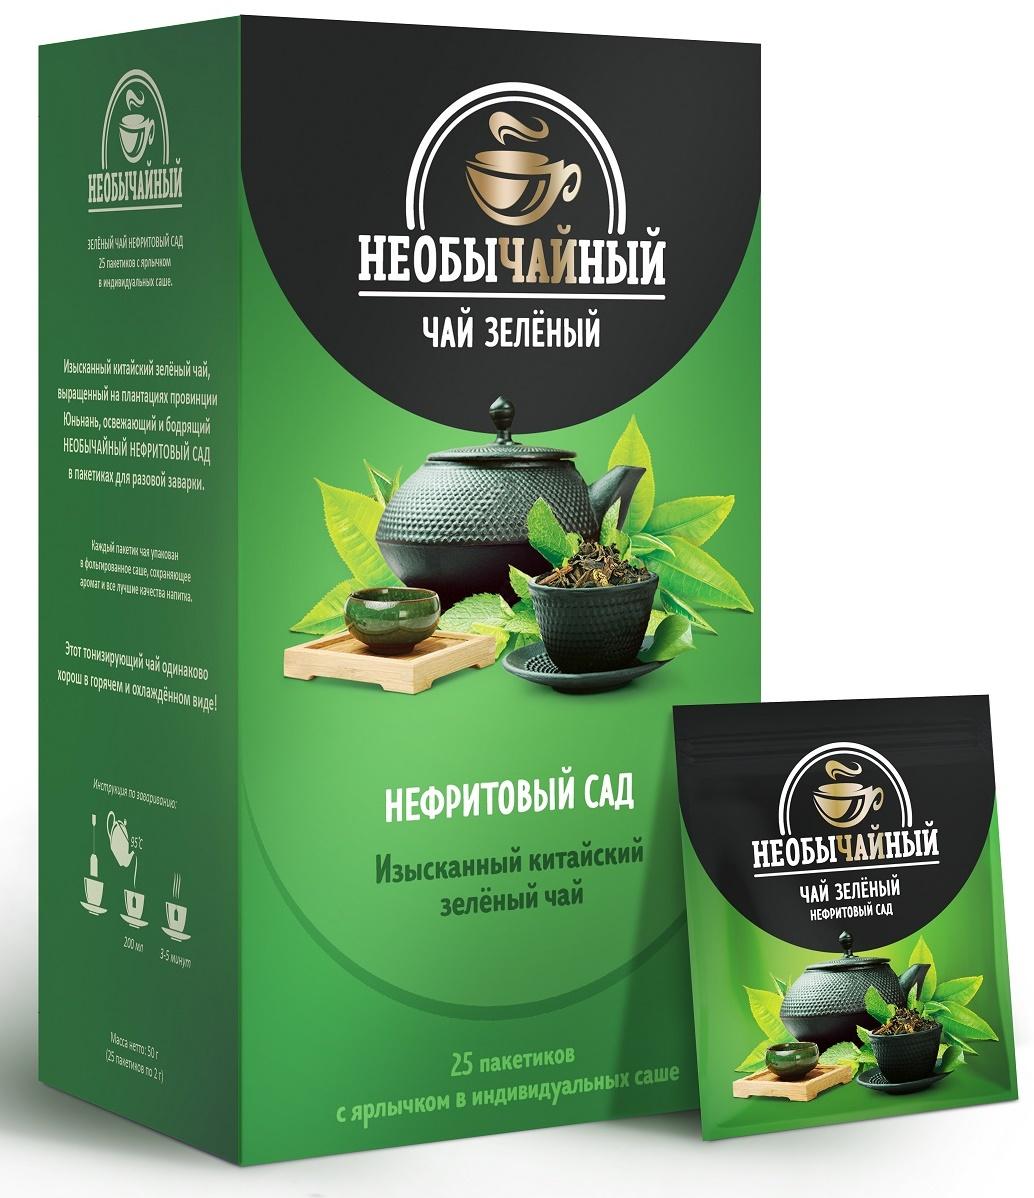 Чай зеленый в пакетиках НЕОБЫЧАЙНЫЙ Нефритовый сад107-030Изысканный китайский зеленый чай, выращенный на плантациях провинции Юньнань, освежающий и бодрящий НЕОБЫЧАЙНЫЙ НЕФРИТОВЫЙ САД Этот тонизирующий чай одинаково хорош в горячем и охлажденном виде!